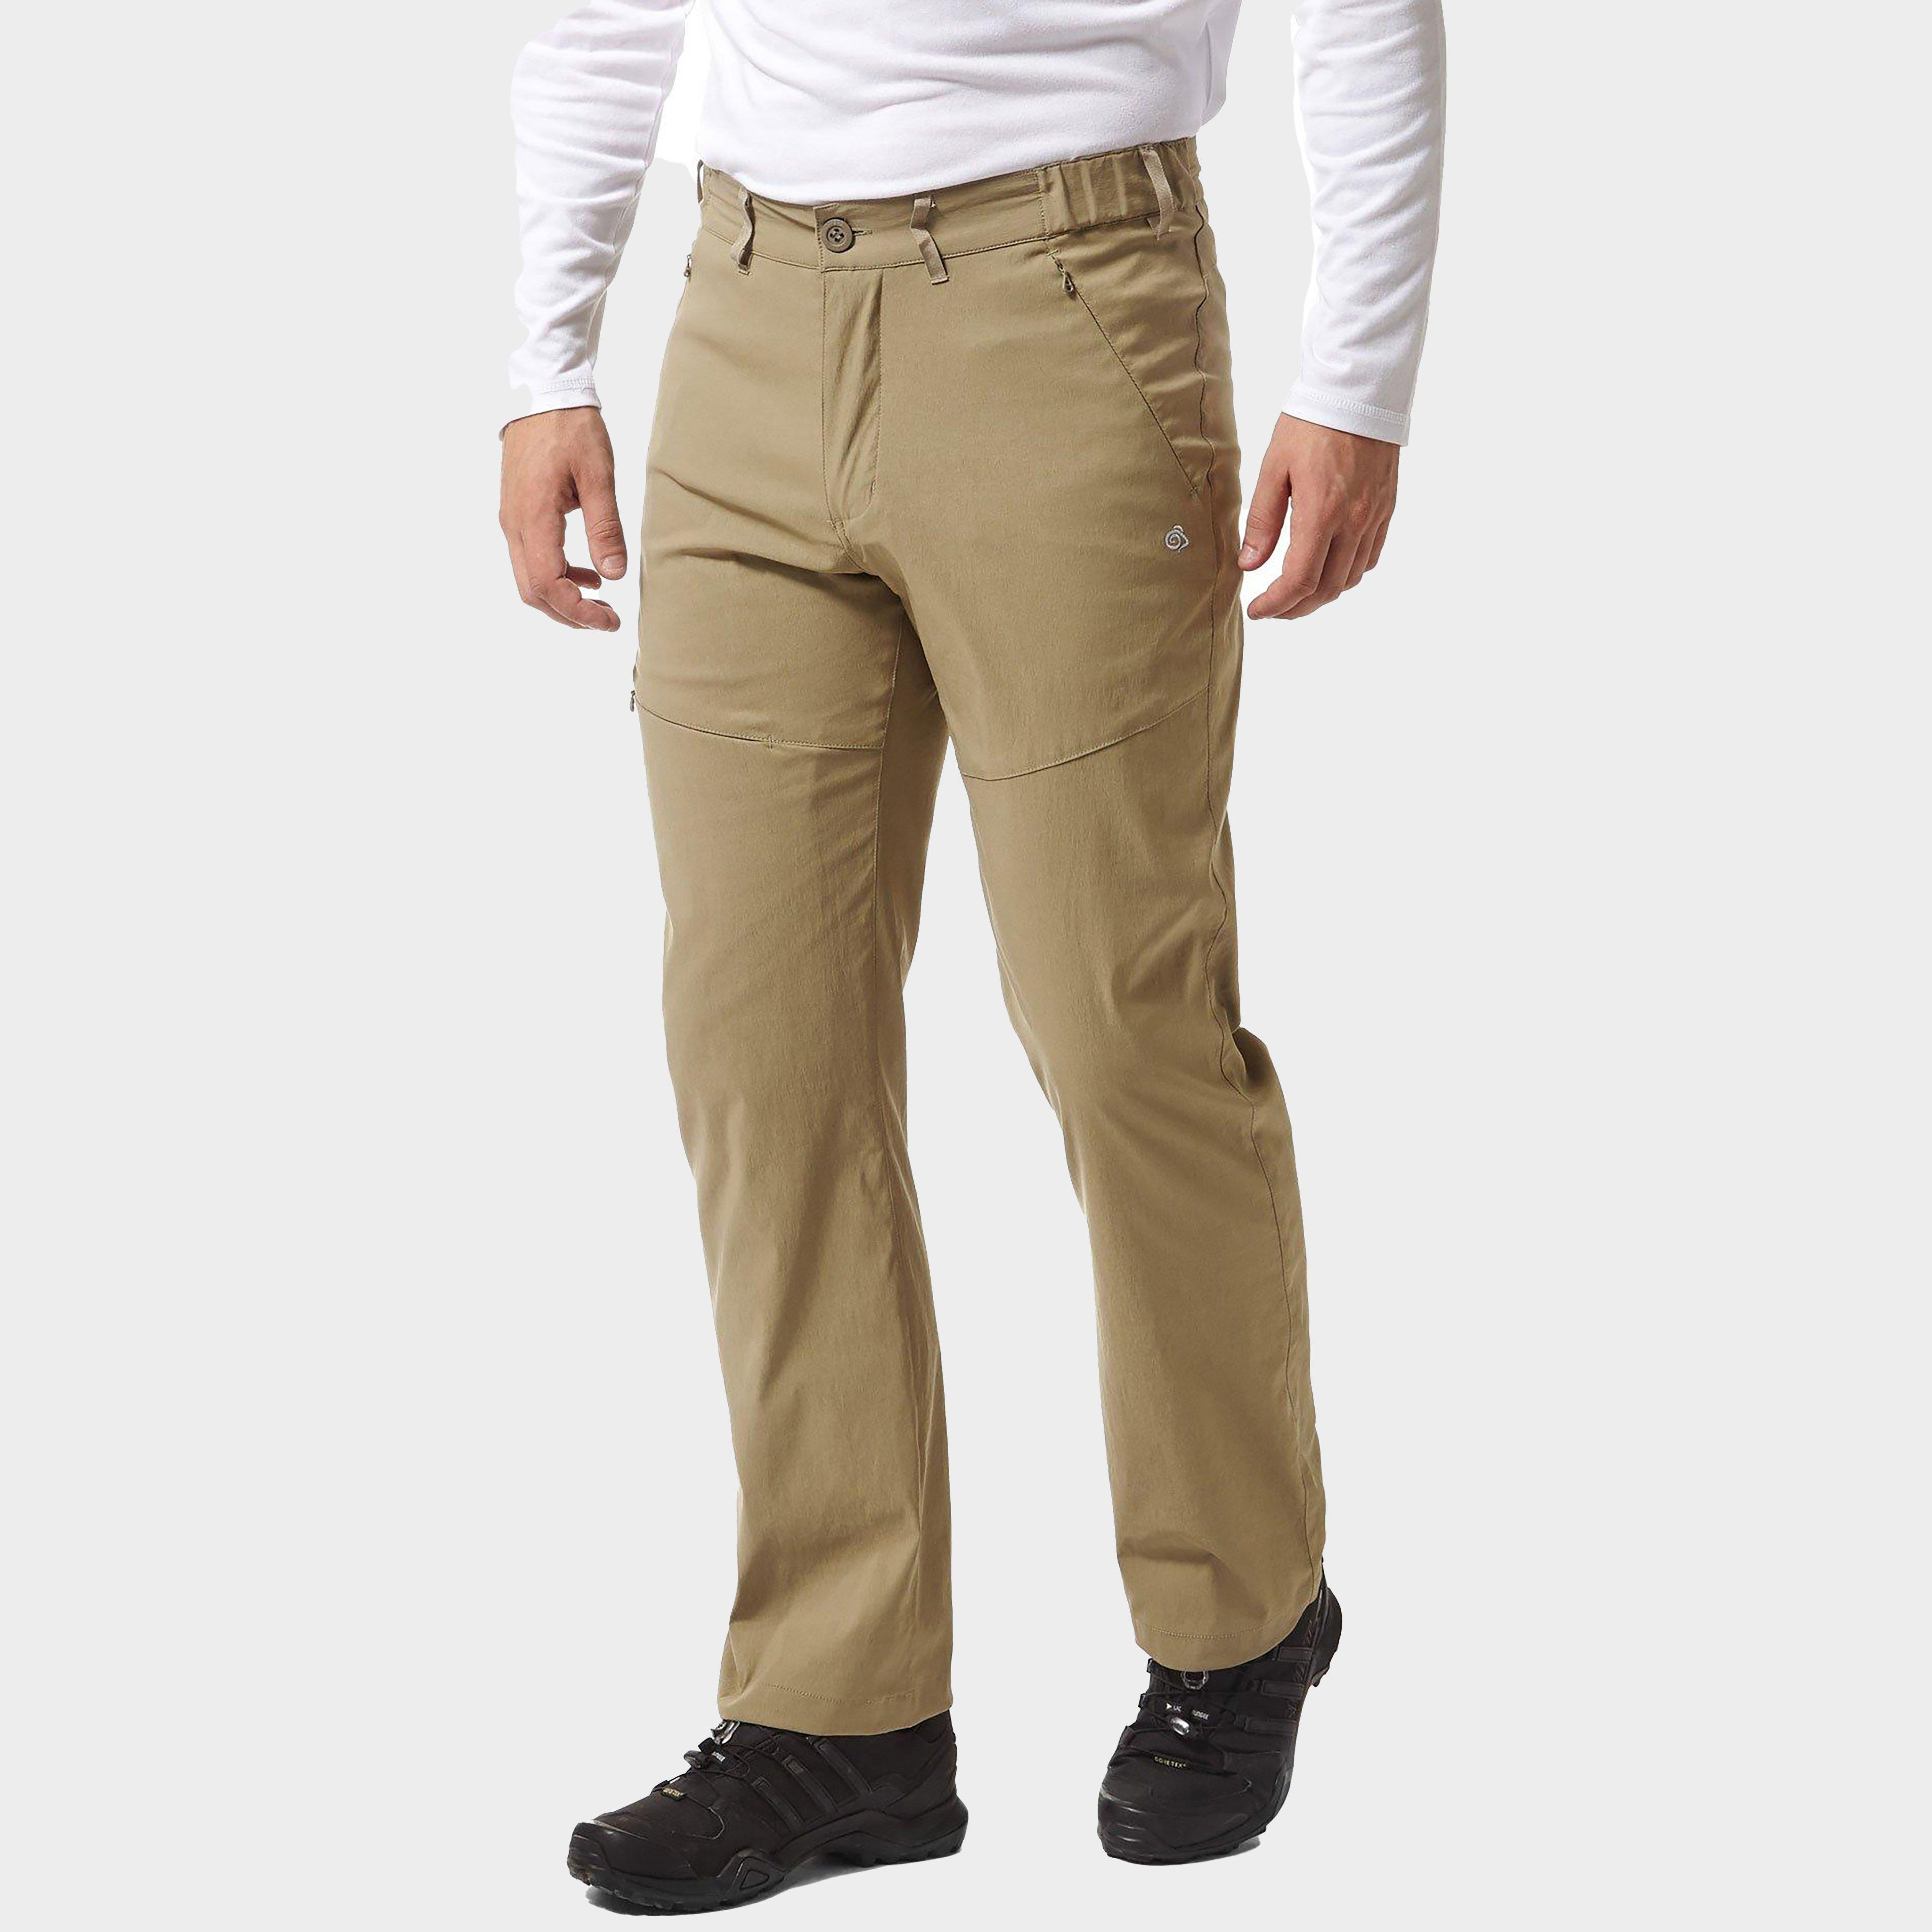 Craghoppers Men's Kiwi Pro Stretch Active Trousers - Beige/T, Beige